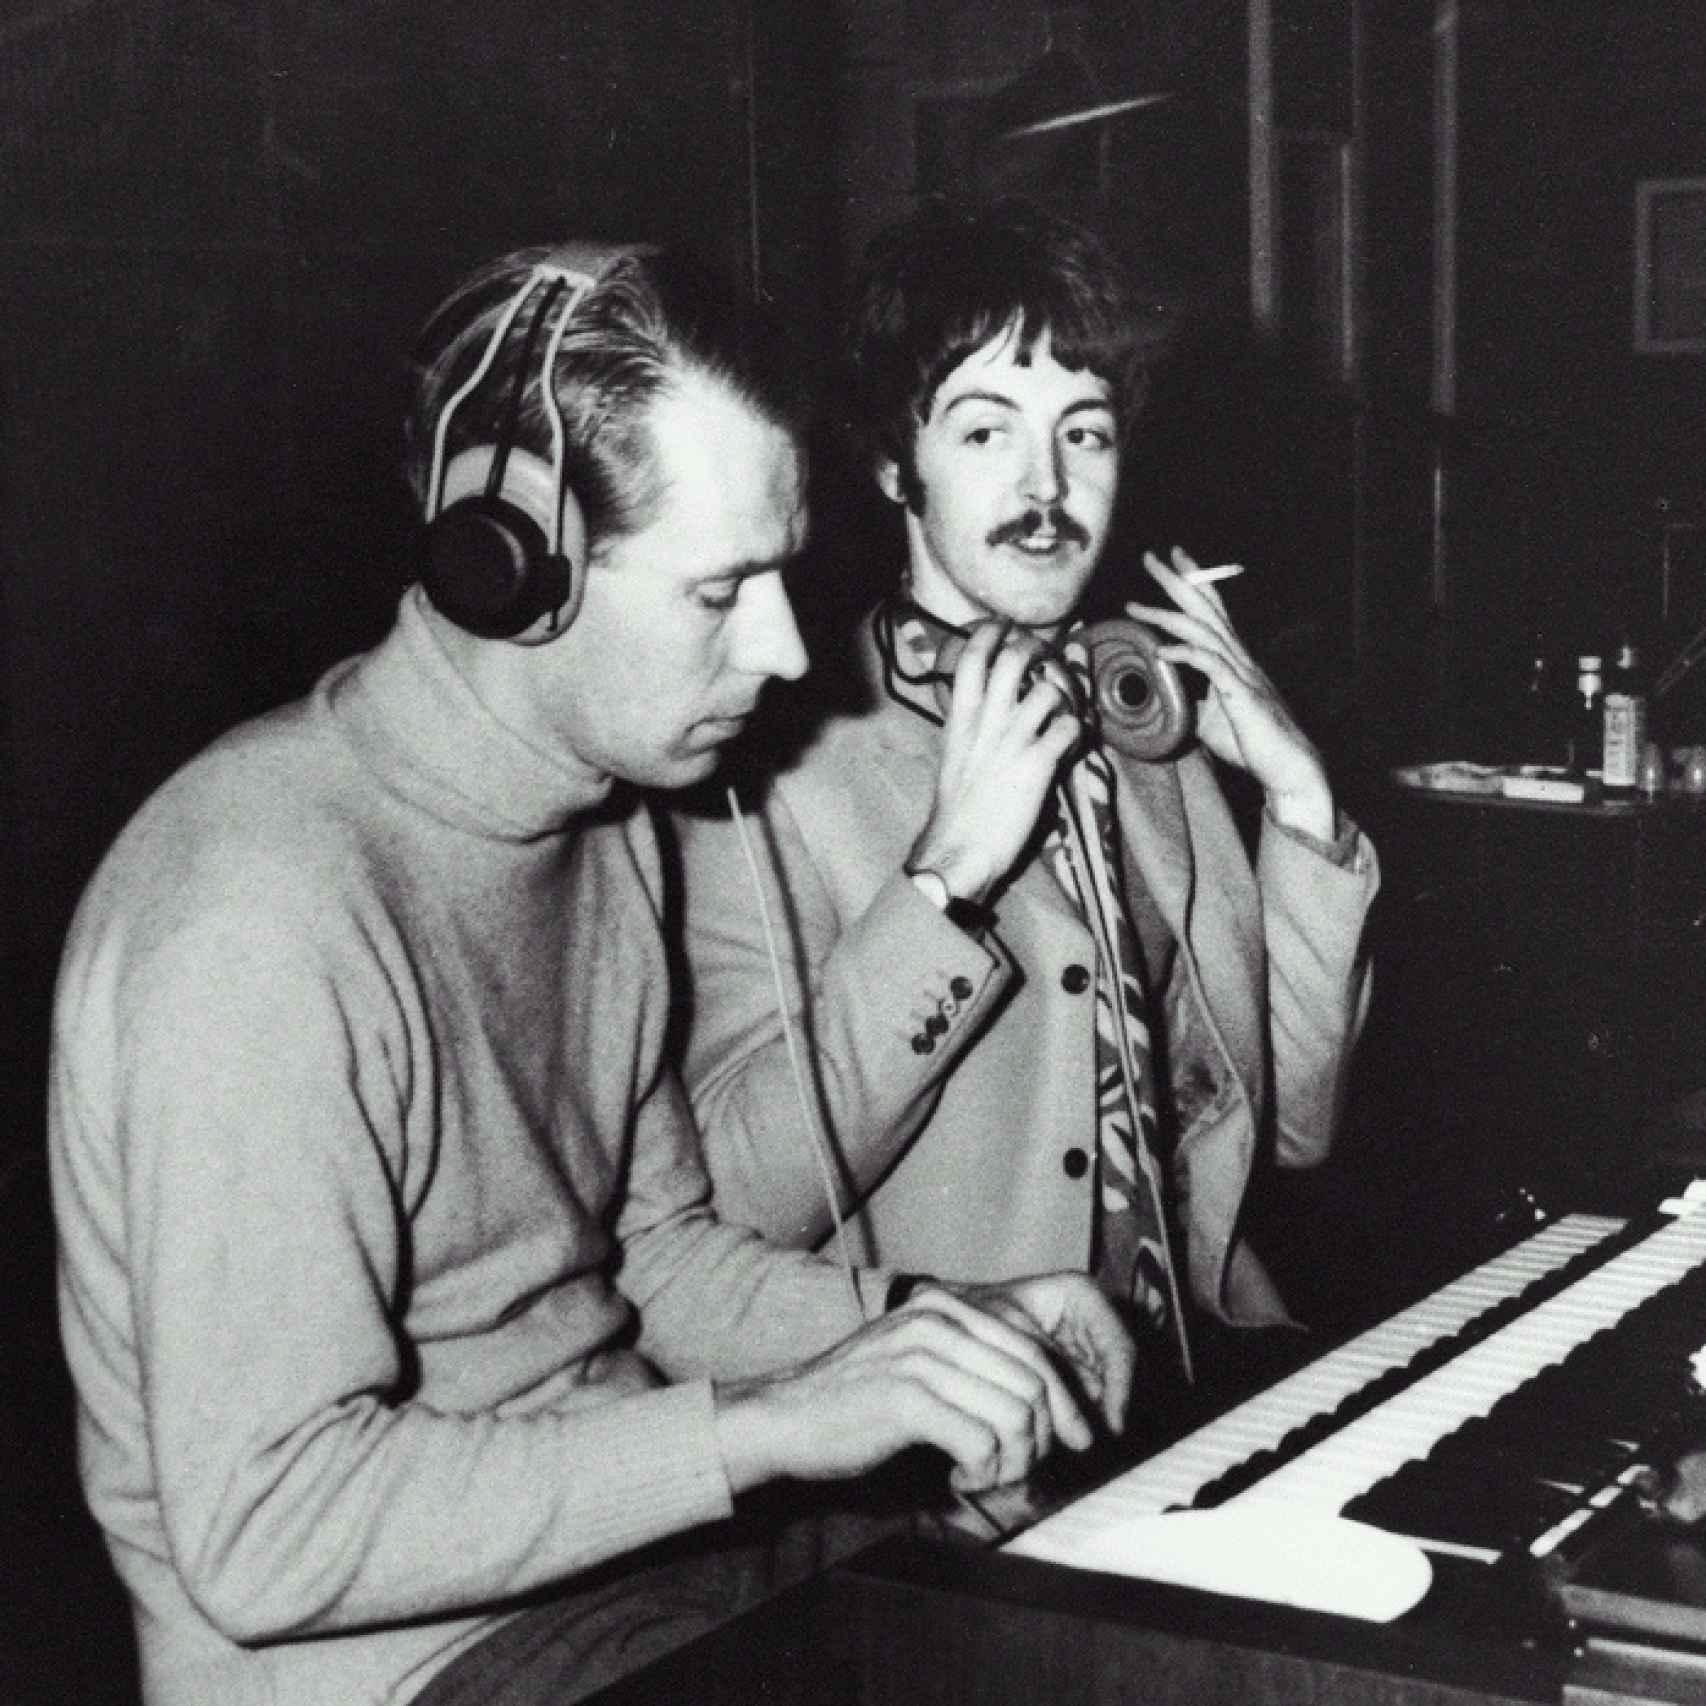 George Martin y Paul McCartney en el estudio de grabación